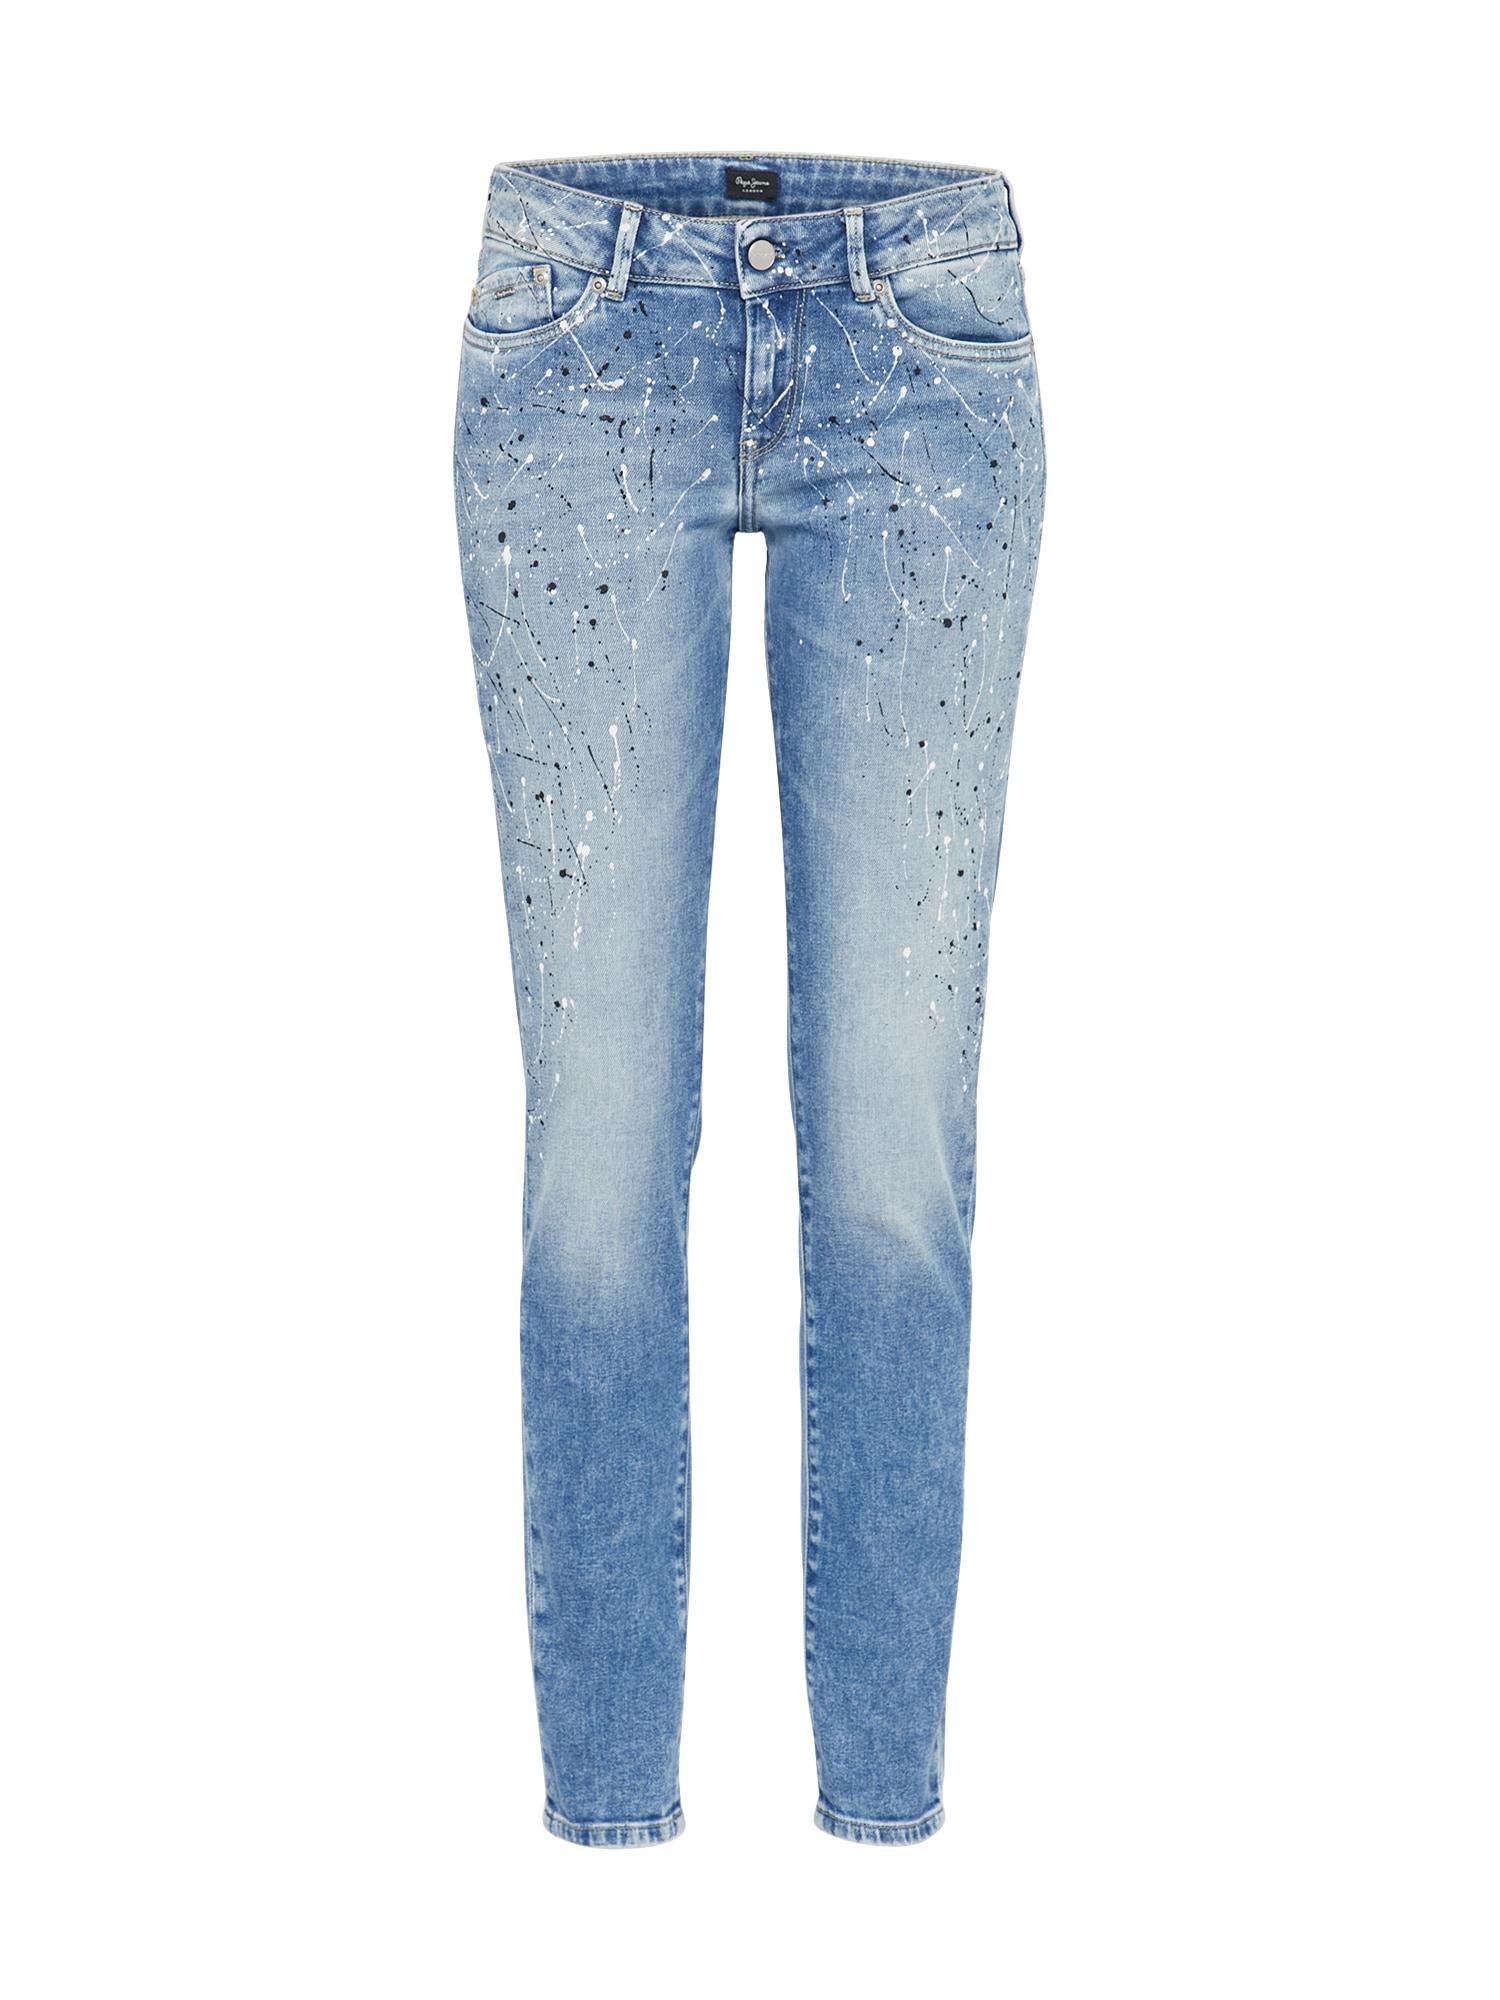 Pepe Jeans Dames Jeans Pixie Flick blue denim